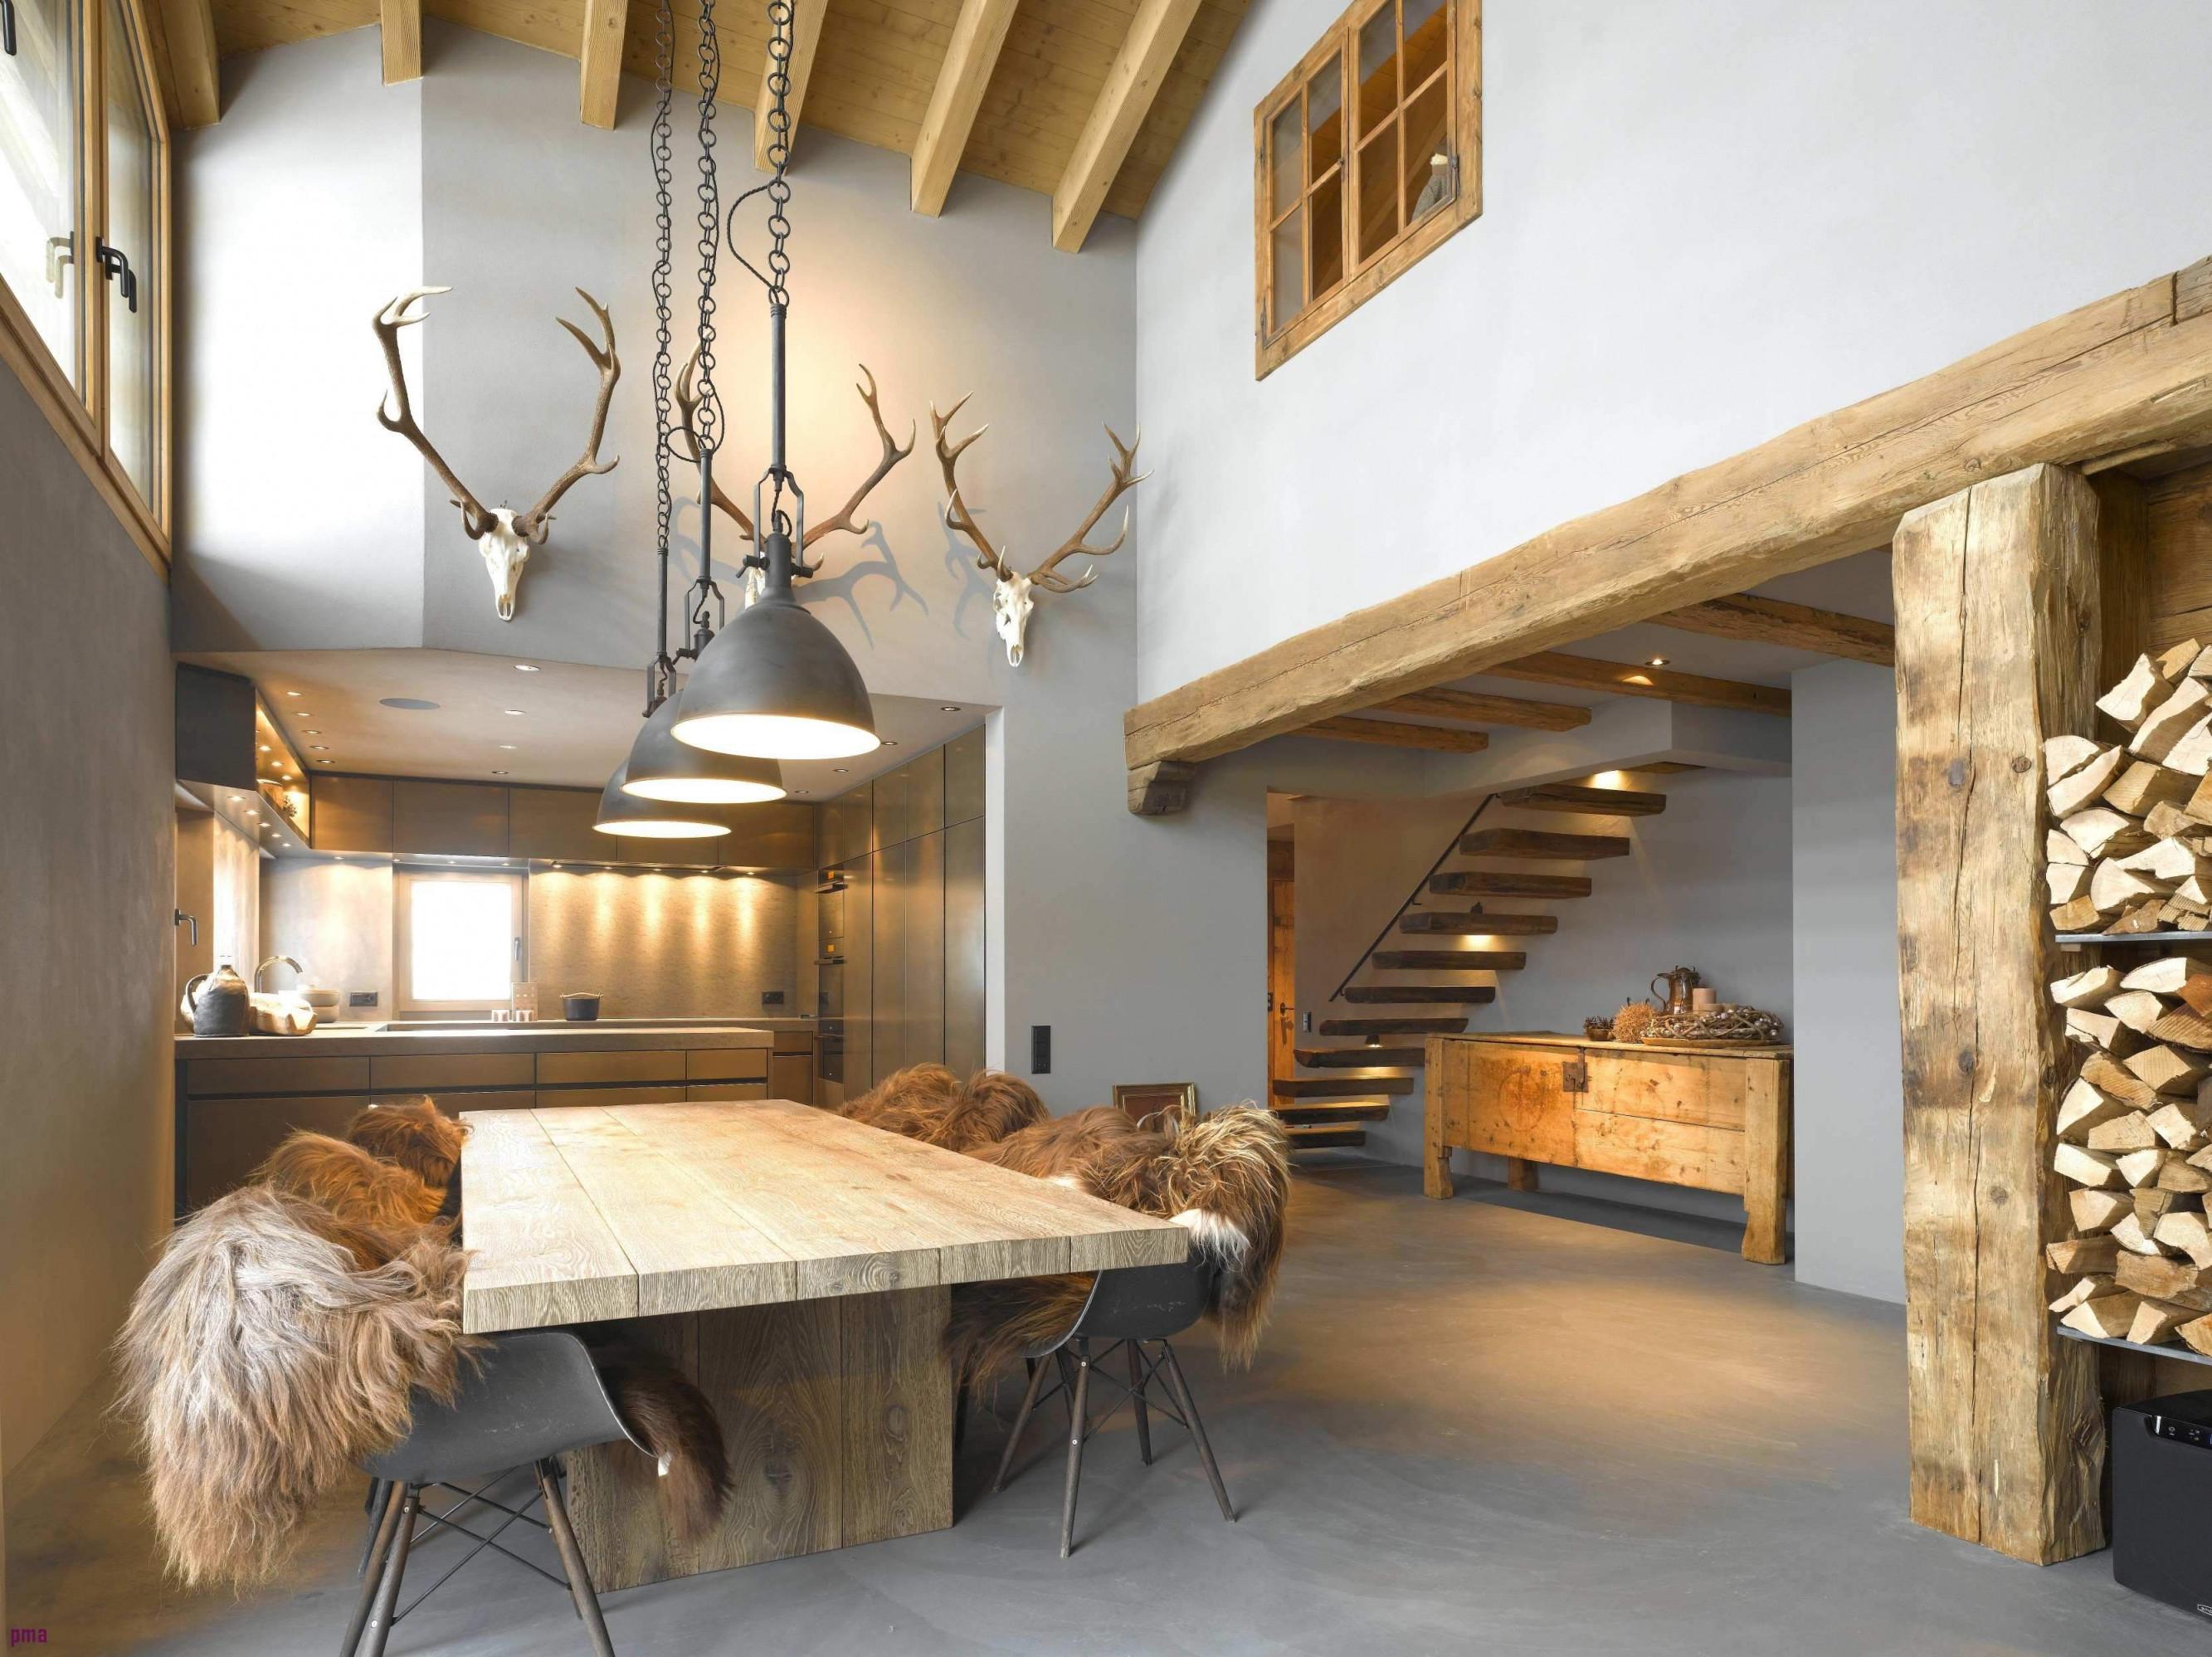 Wanddeko Wohnzimmer Holz Einzigartig 53 Frisch von Wohnzimmer Holz Deko Bild